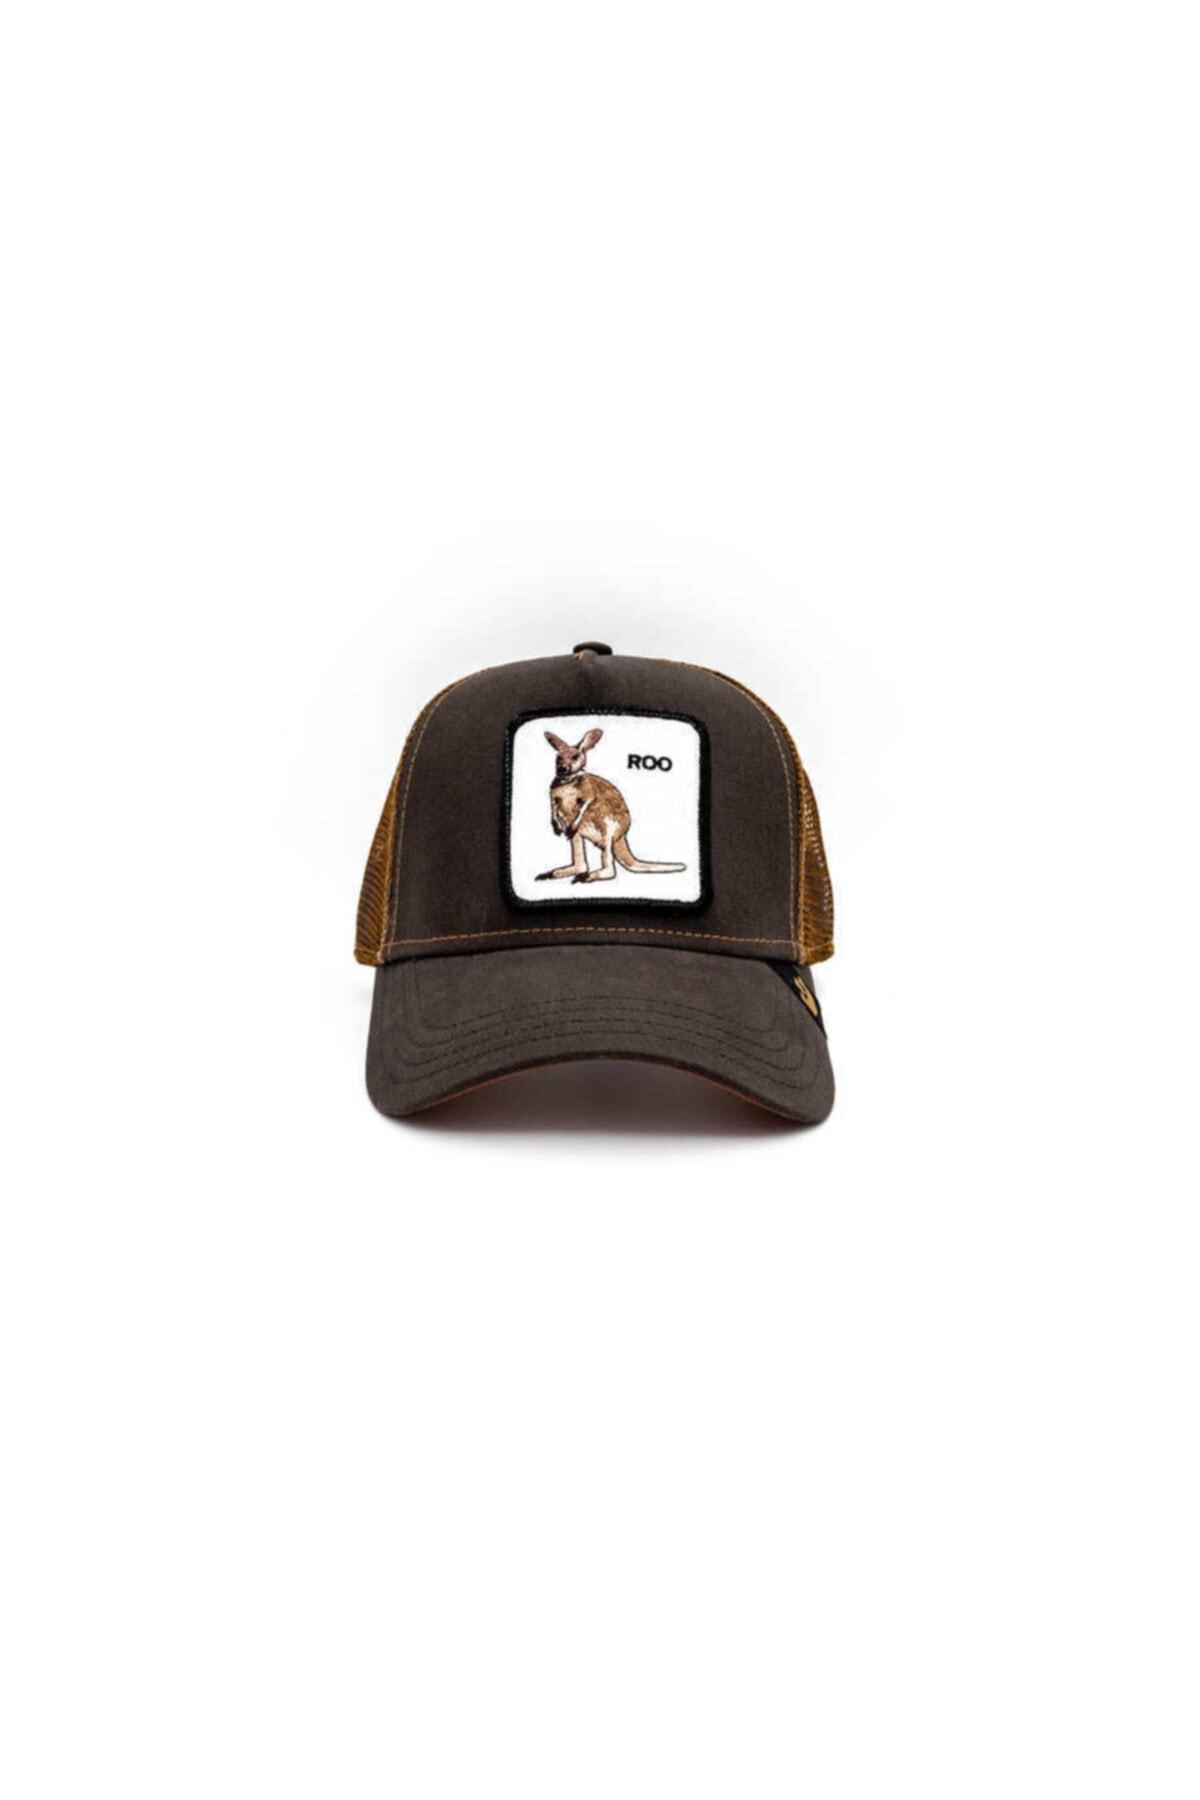 Roo Kahverengli Şapka 101-0208 Kahverengi Standart